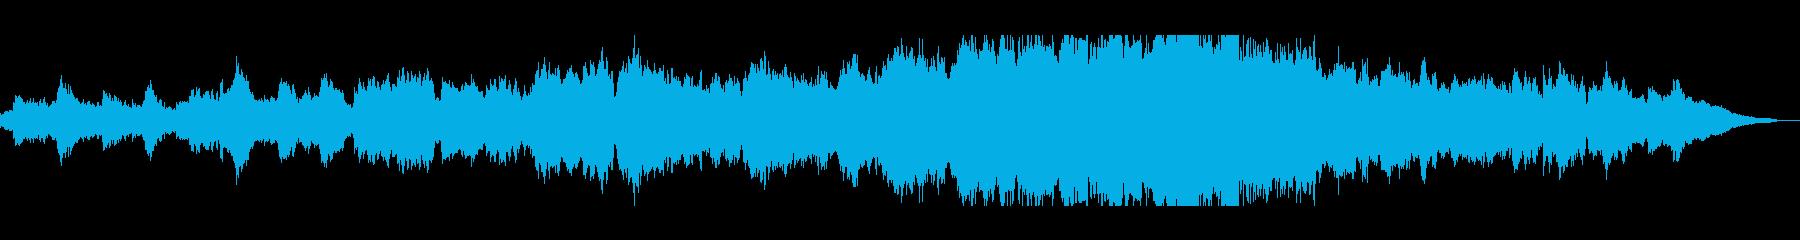 悠長で穏やかなヒーリングミュージックの再生済みの波形